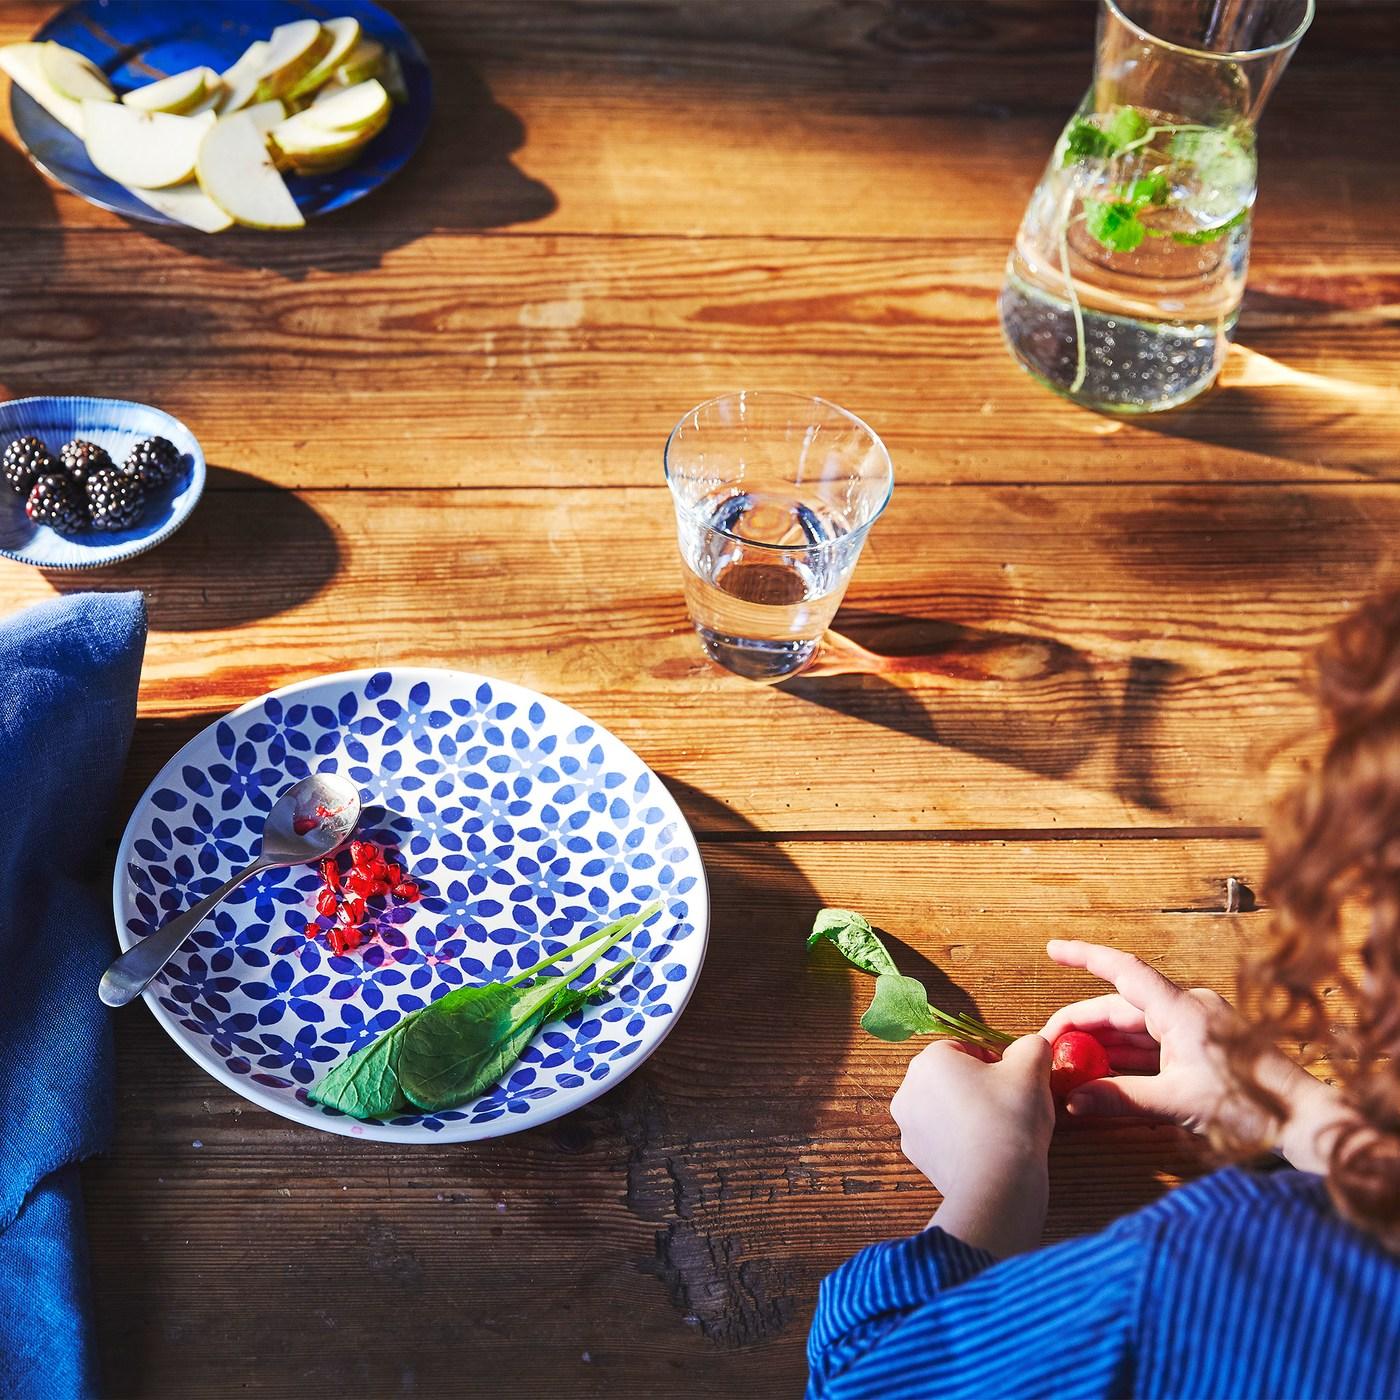 Table en bois sur laquelle sont disposés une petite assiette à motifs bleus MEDLEM et de quoi préparer un déjeuner léger.